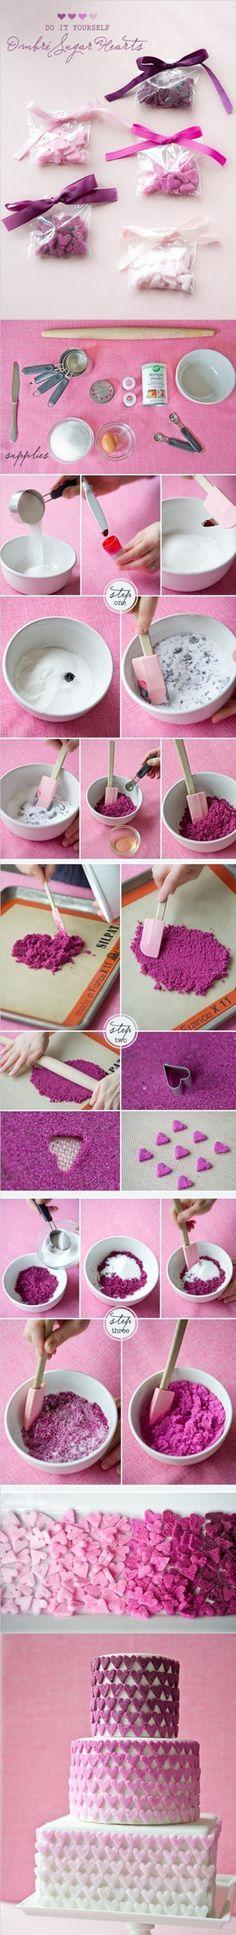 ombre sugar hearts <3